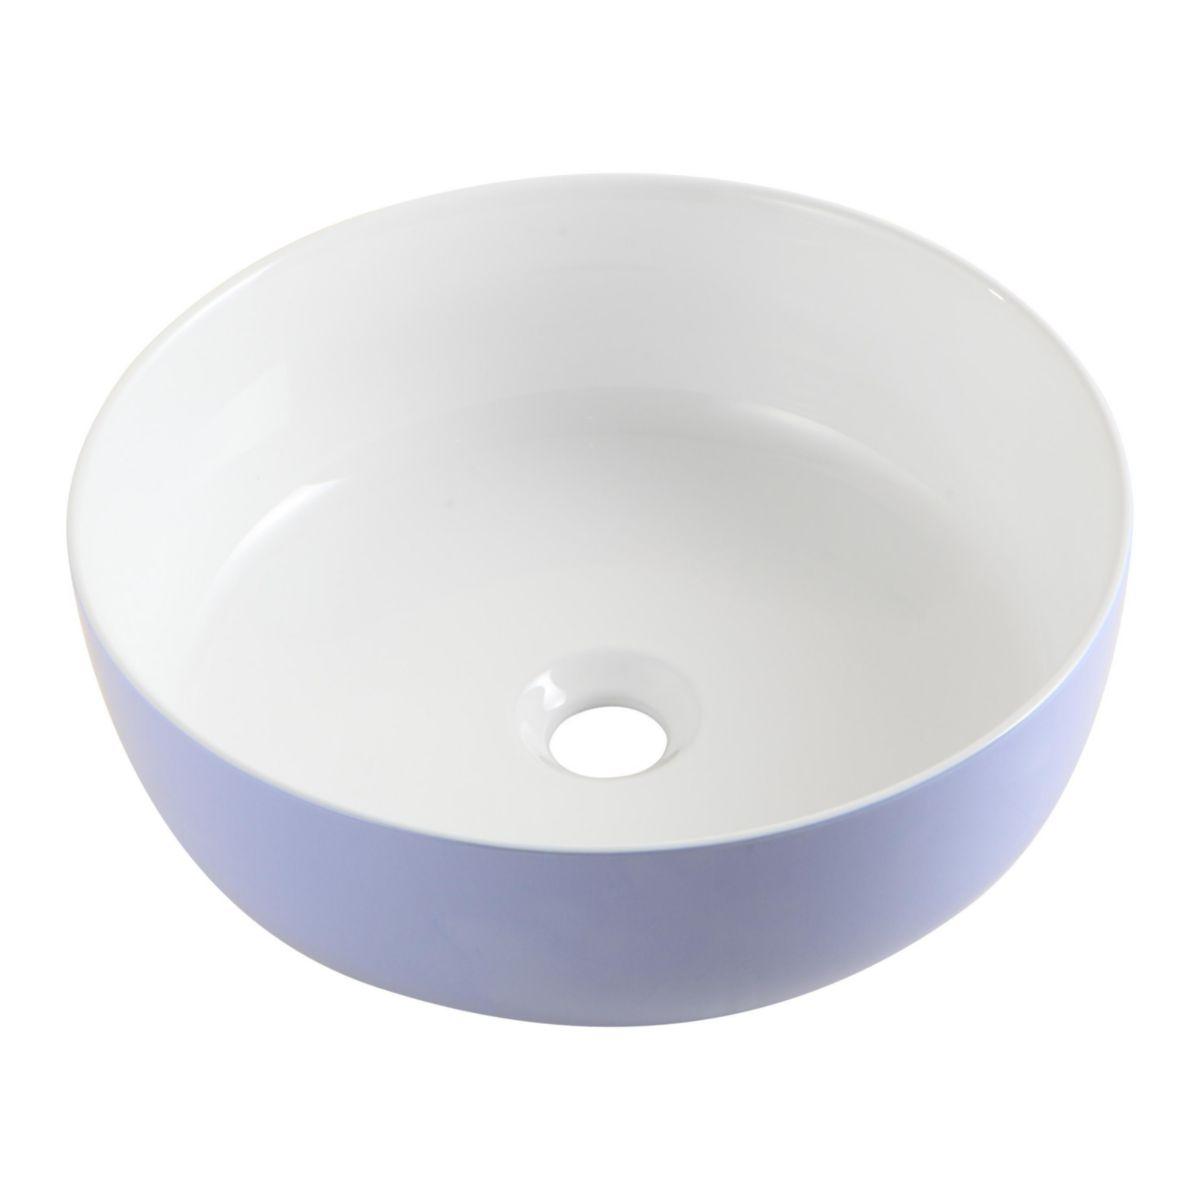 Vasque à poser DAILY O Color blanche bleutée à l'extérieur